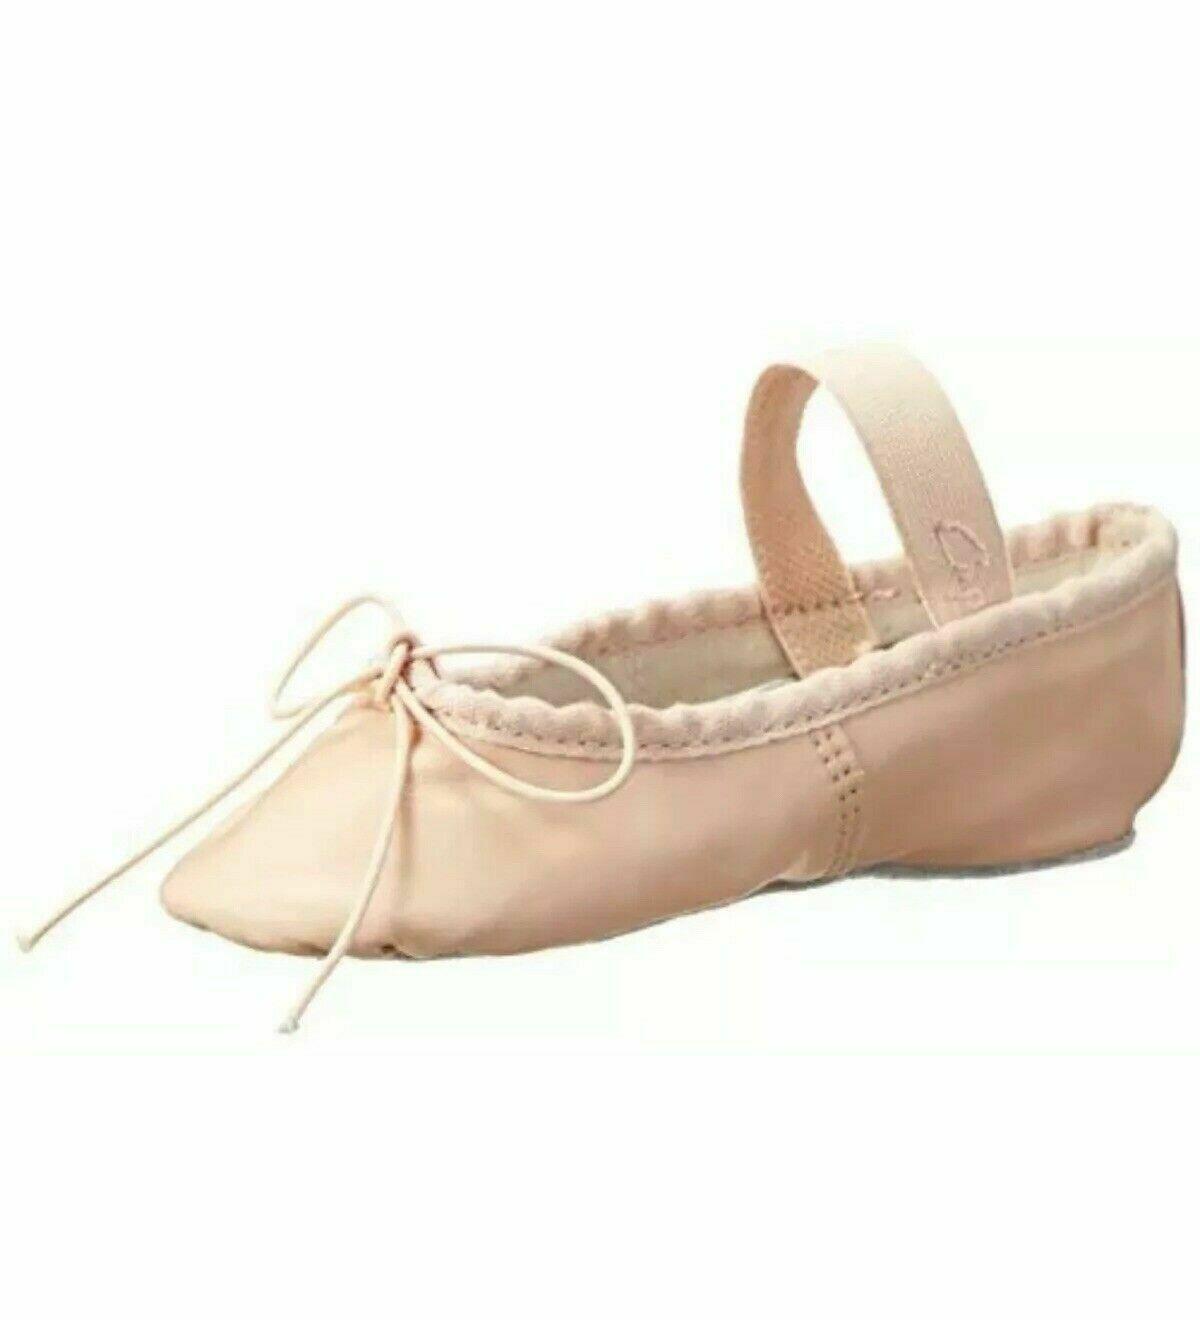 Capezio Adult Teknik 200 NPK Pink Full Sole Ballet Shoe Size 10C 10 C